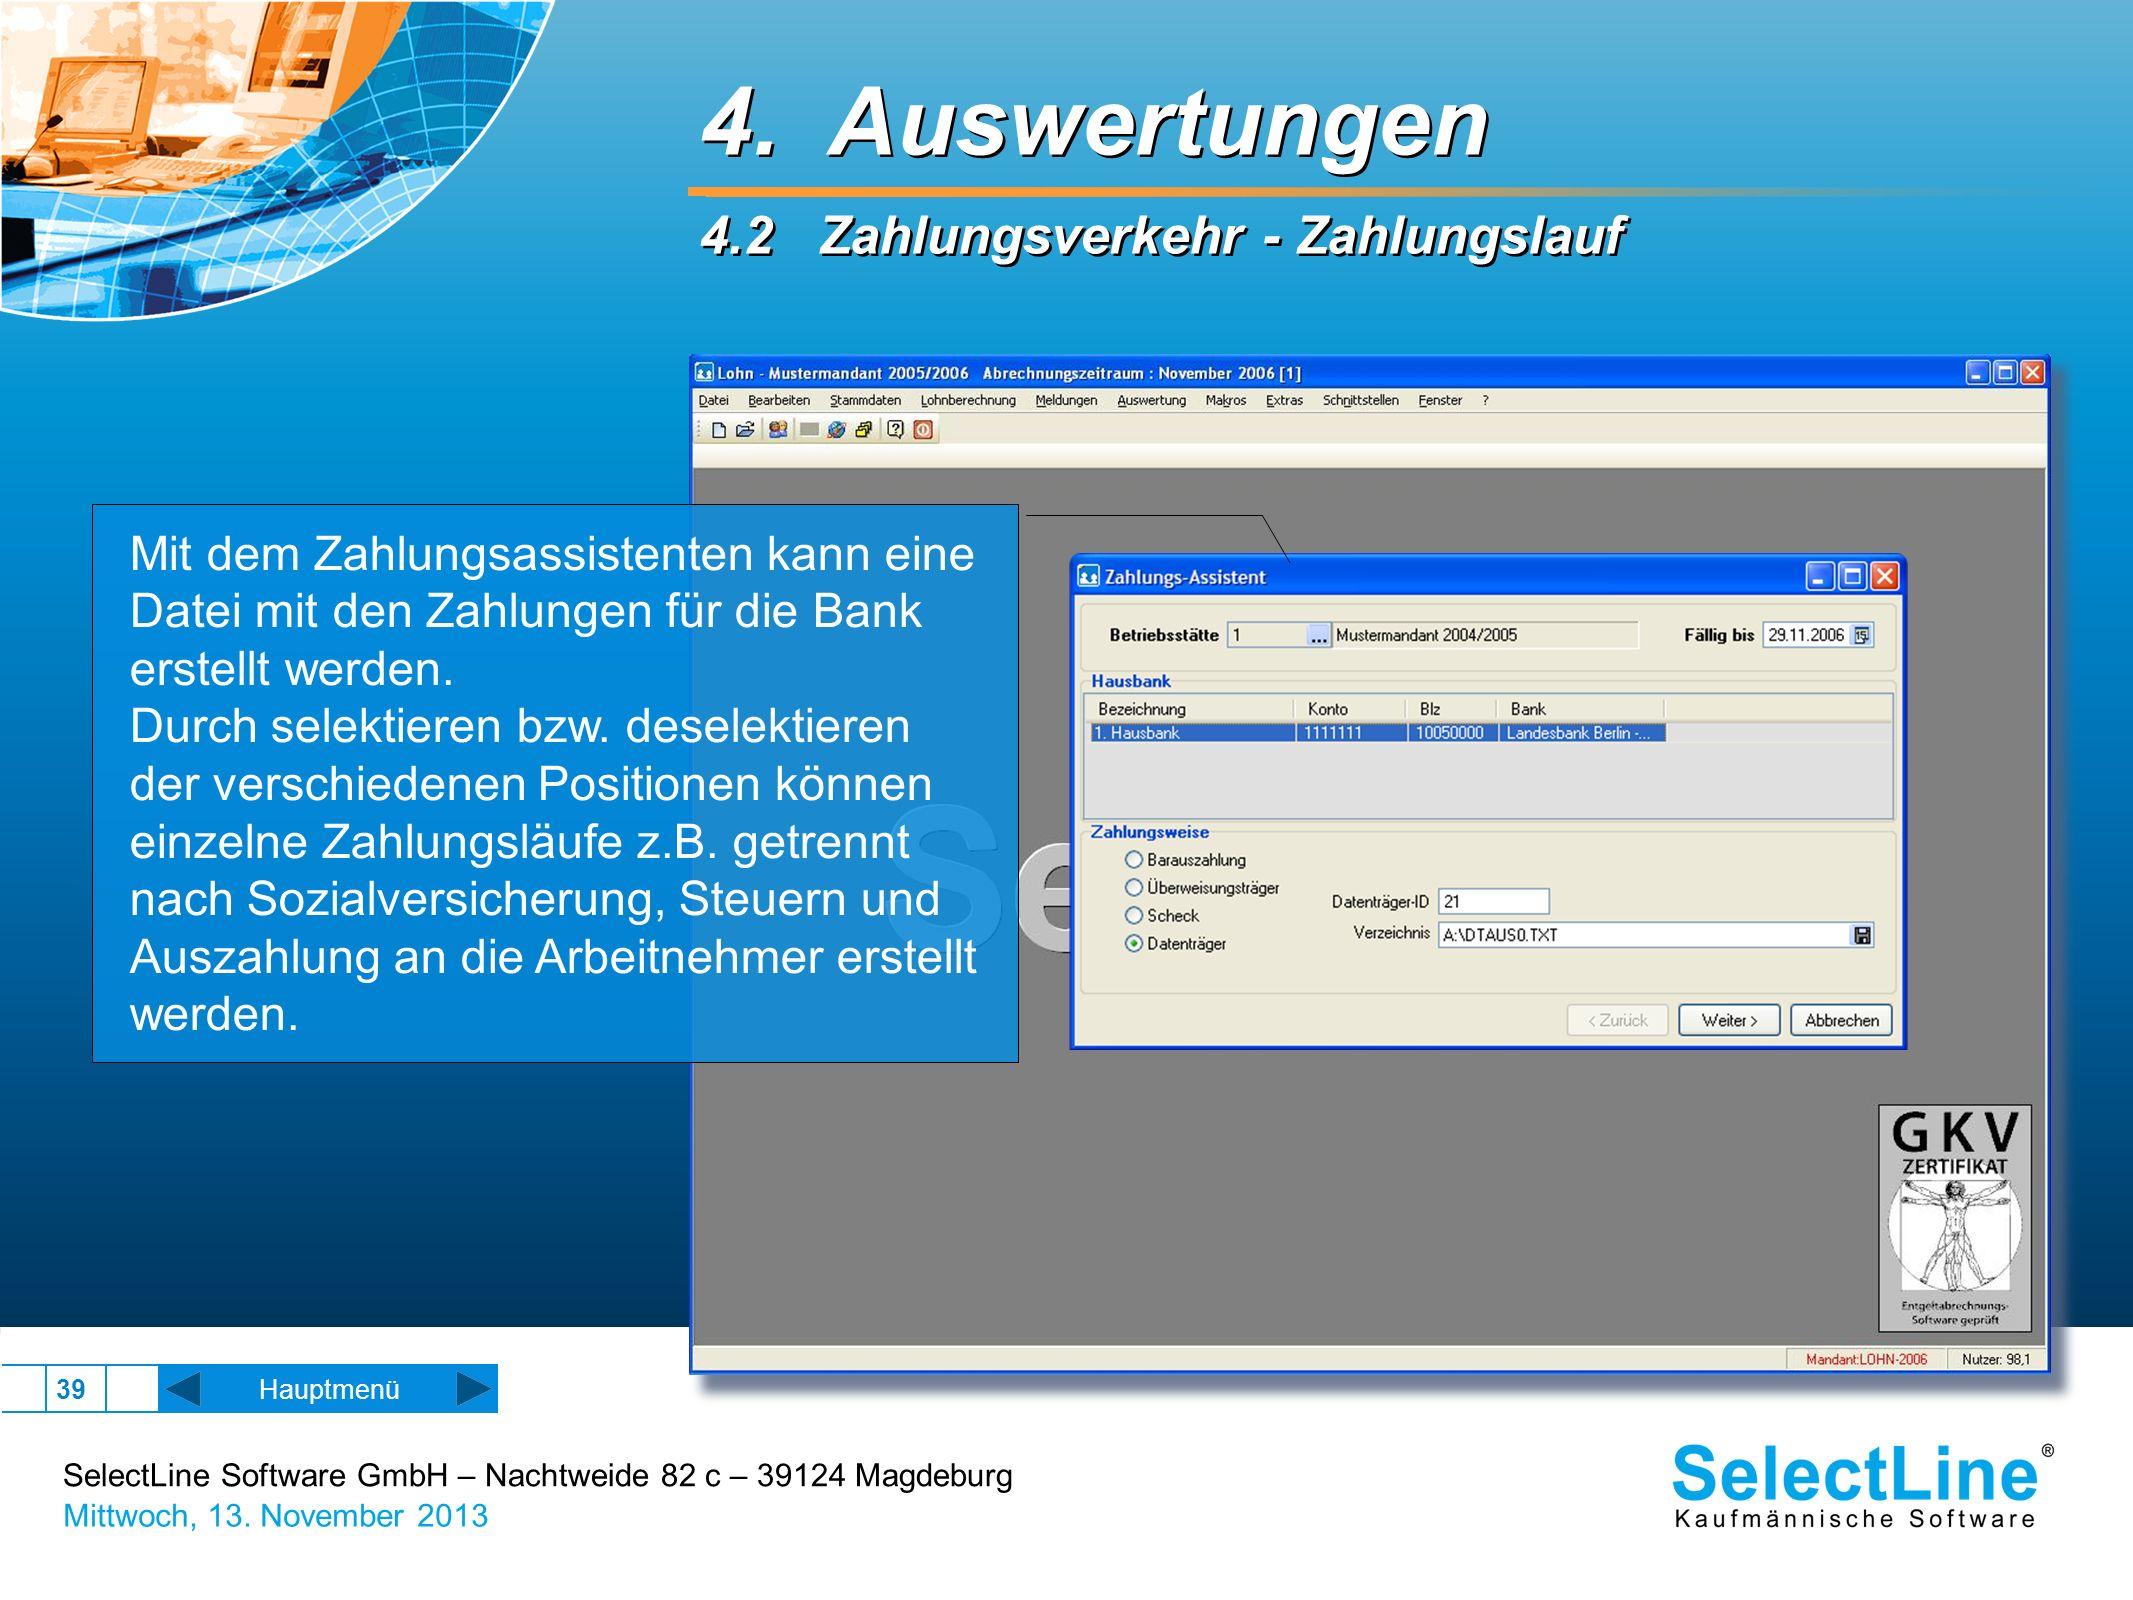 SelectLine Software GmbH – Nachtweide 82 c – 39124 Magdeburg Mittwoch, 13. November 2013 39 Hauptmenü 4. Auswertungen 4.2 Zahlungsverkehr - Zahlungsla